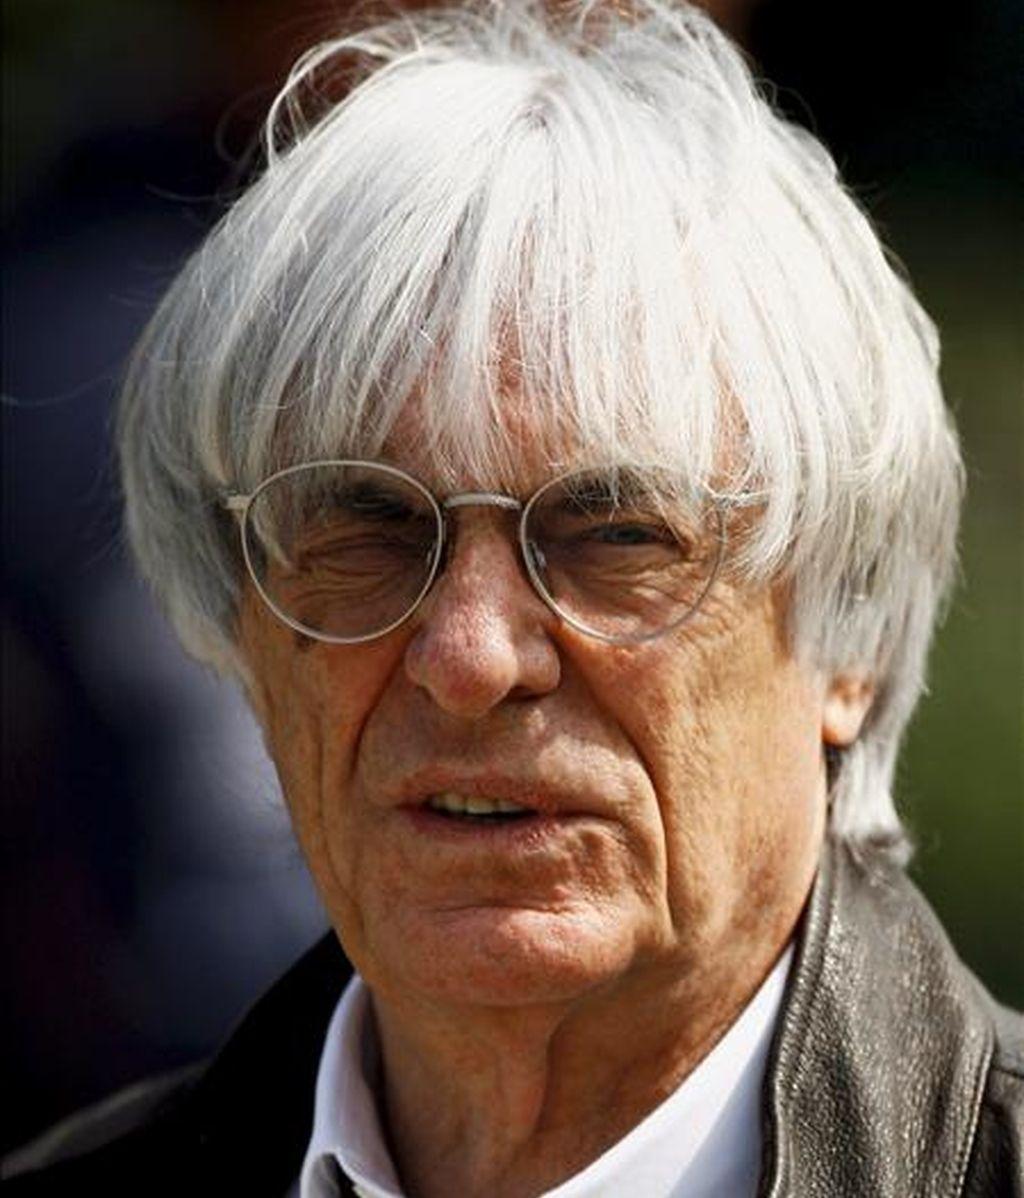 Bernie Ecclestone, patrón de la Fórmula Uno, espera renovar el contrato con los organizadores del Gran Premio de China. En la imagen, Ecclestone ayer en el circuito de Shanghai (China). EFE